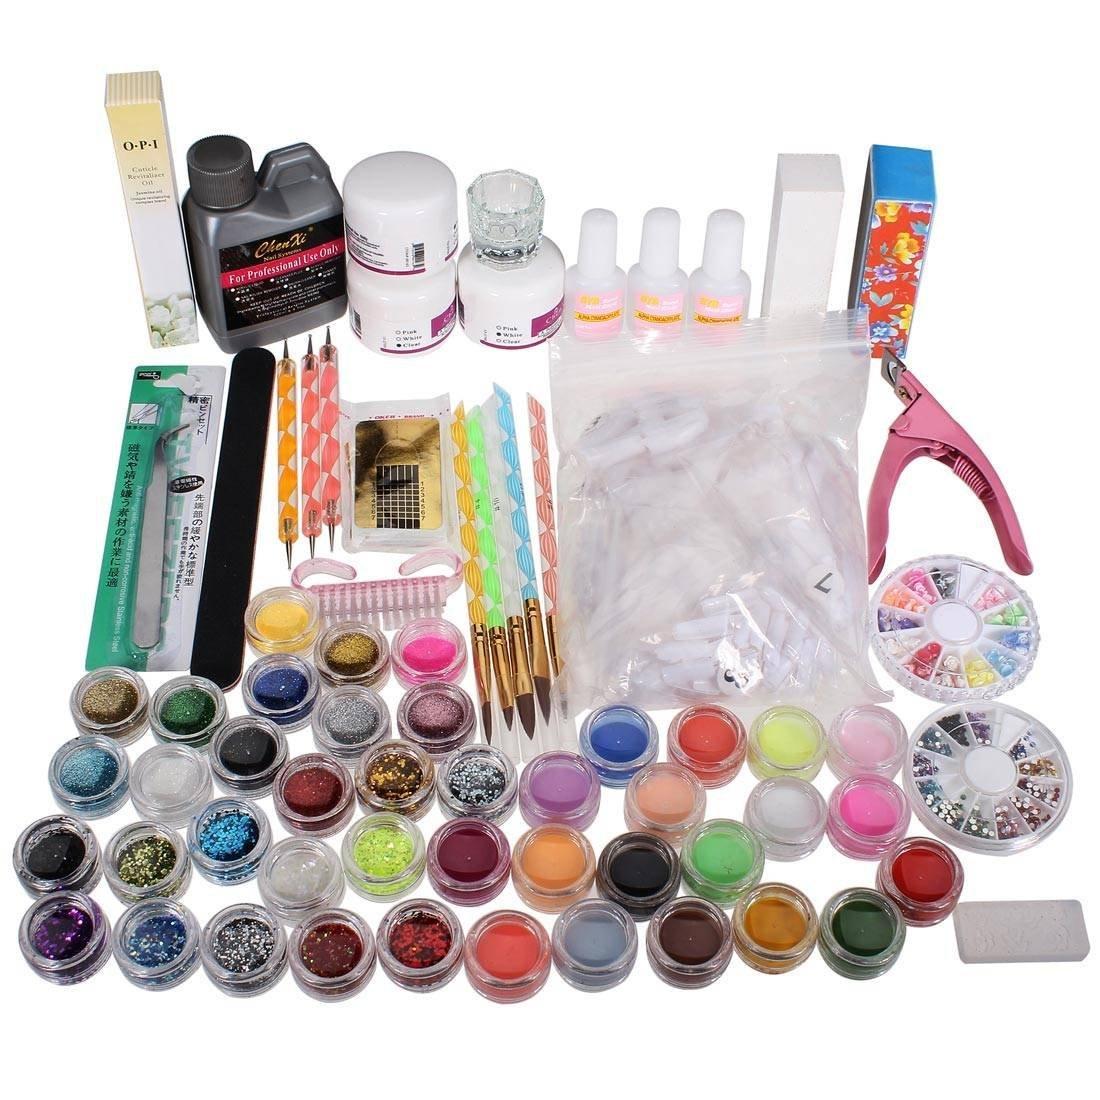 5PACK (di arte Del Chiodo kit Cura delle unghie Nail Design Nail Acrylic Powder Brush Glitter Strumenti di Punta